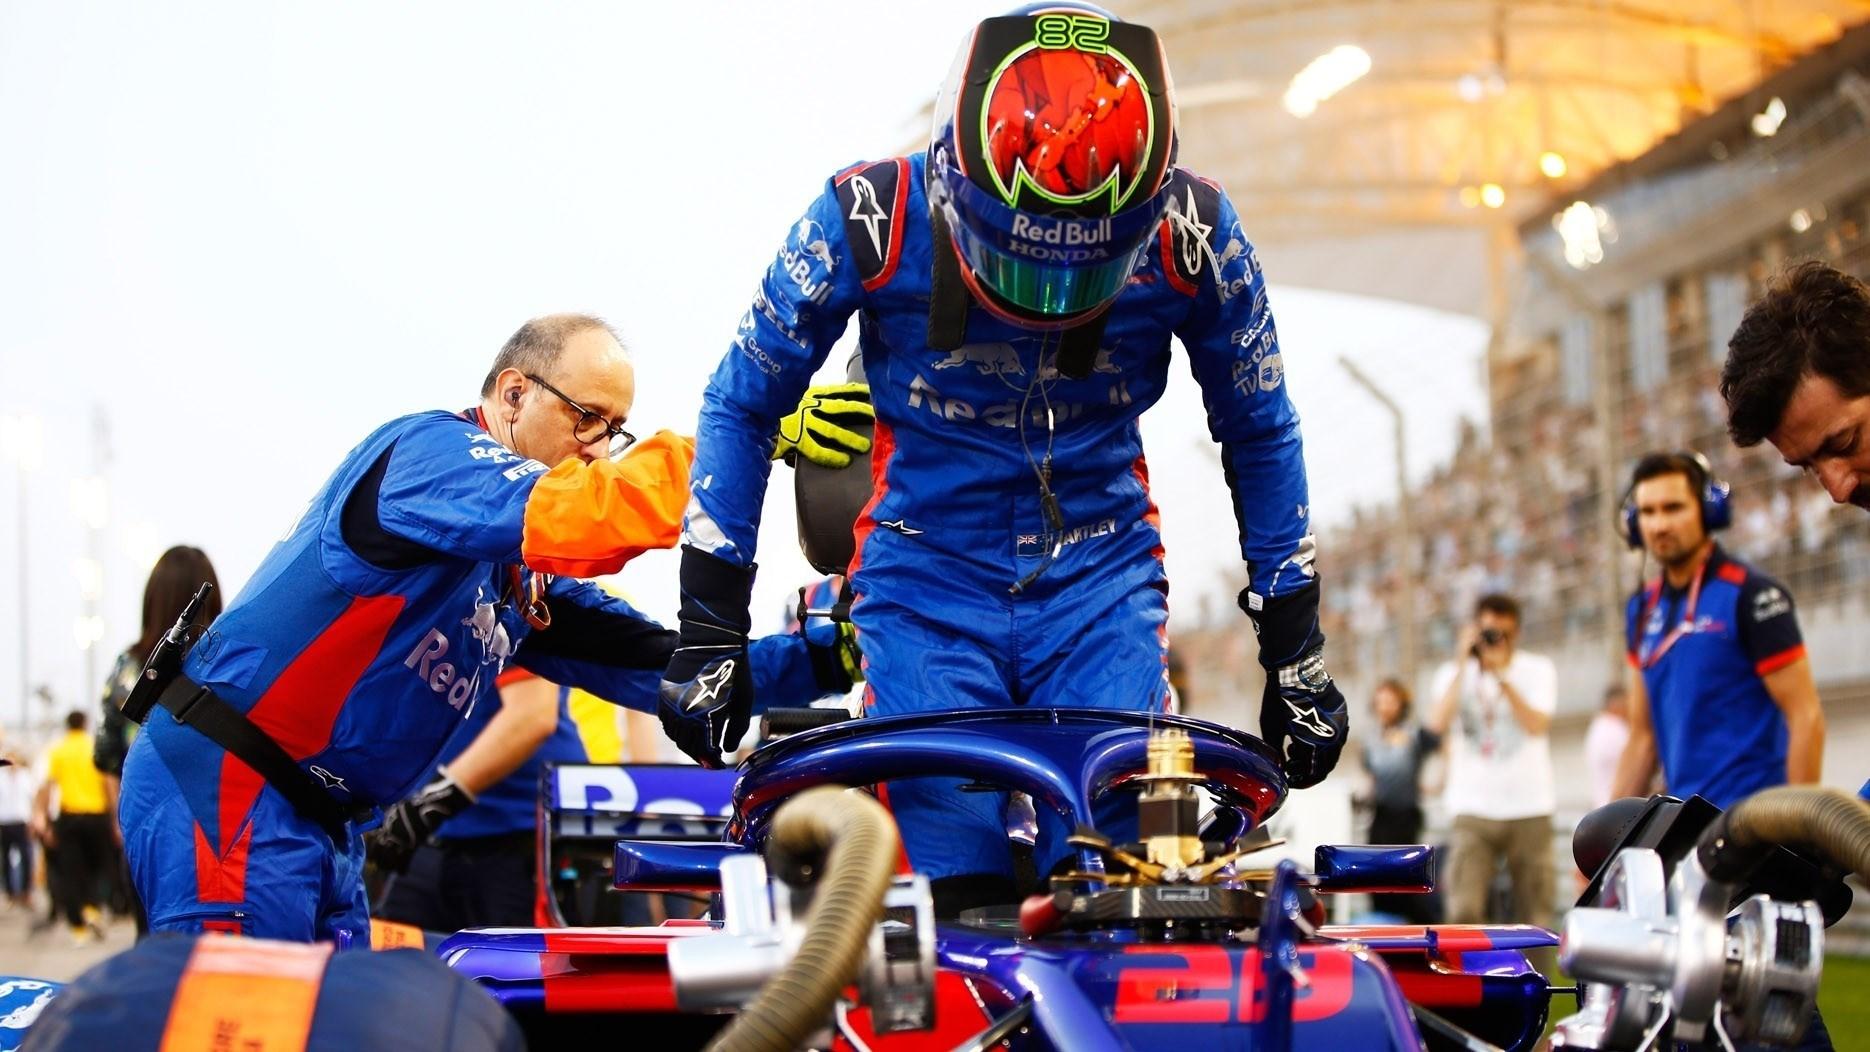 Το καλύτερο αποτέλεσμα για την Honda στο Μπαχρέιν μετά την επιστροφή της στην F1, το 2015